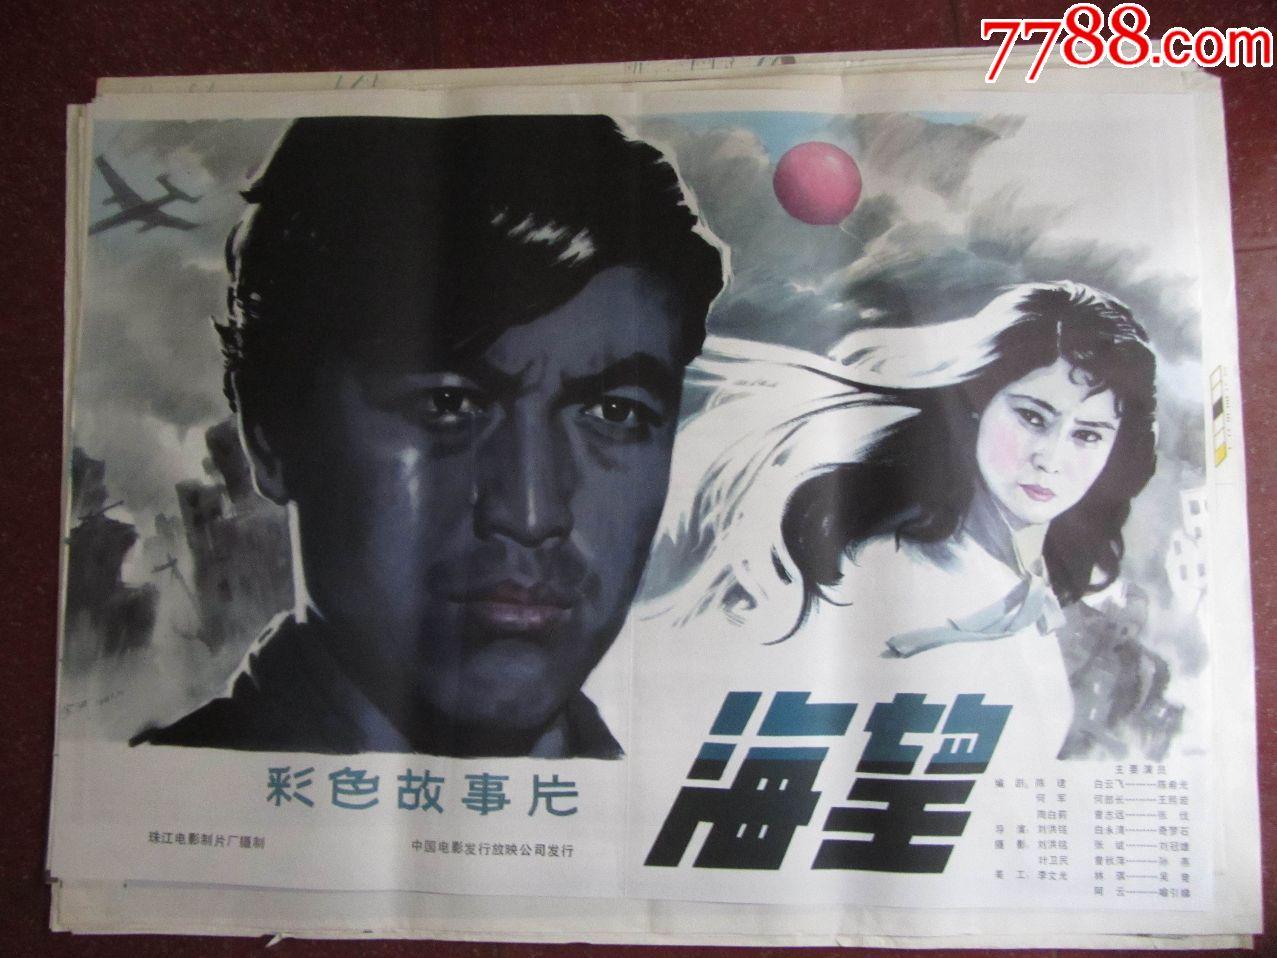 1开电影海报【瓜棚女杰等5张】长征电视剧图片